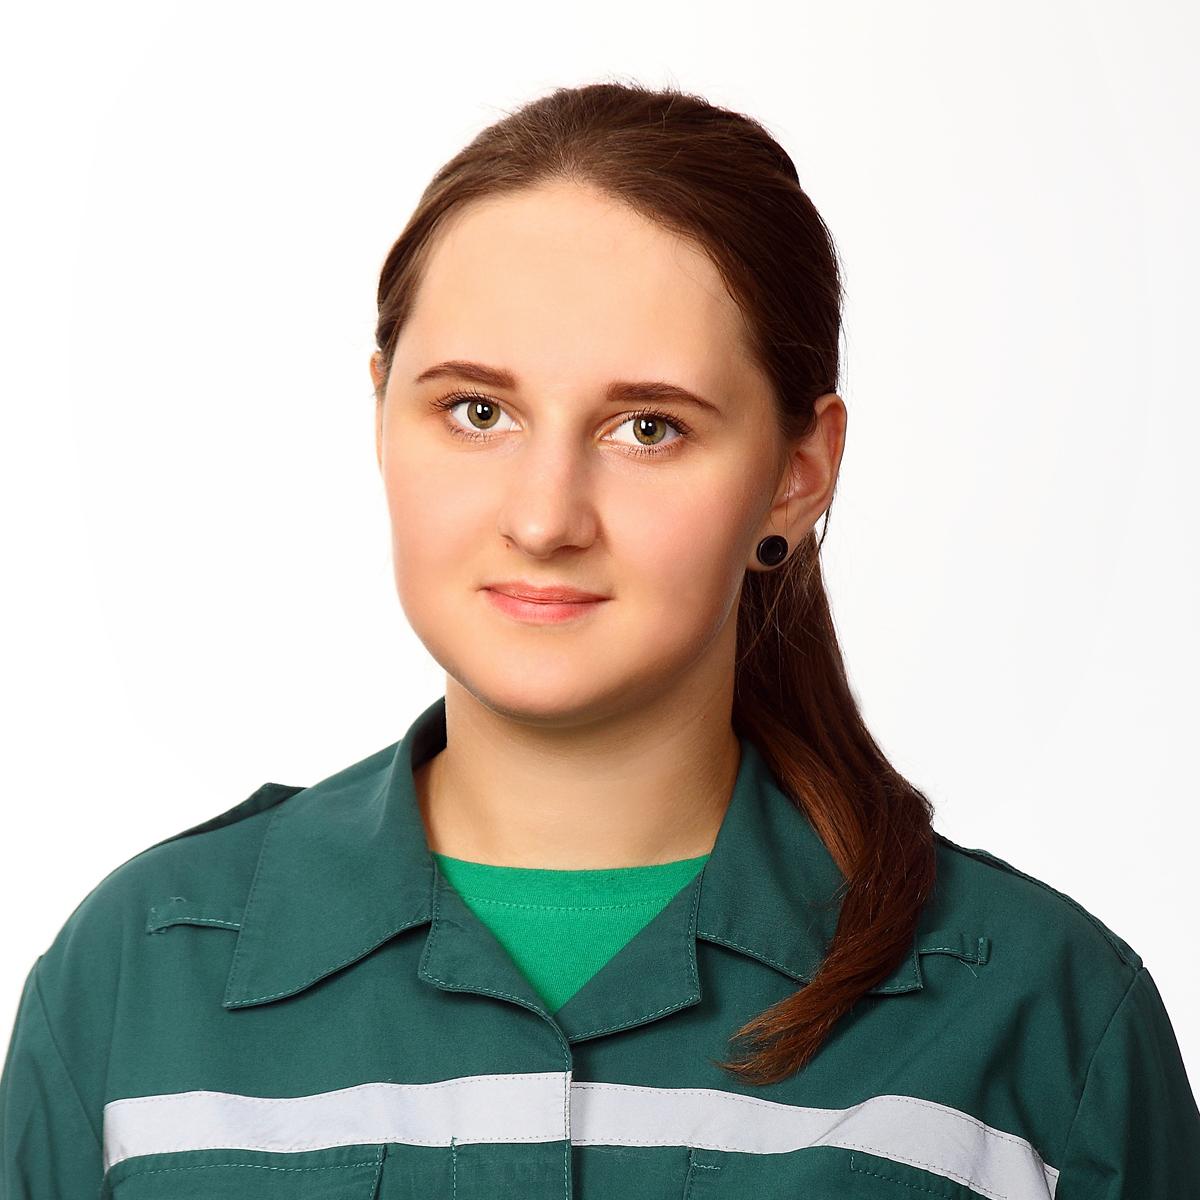 Овчинникова Елена Евгеньевна